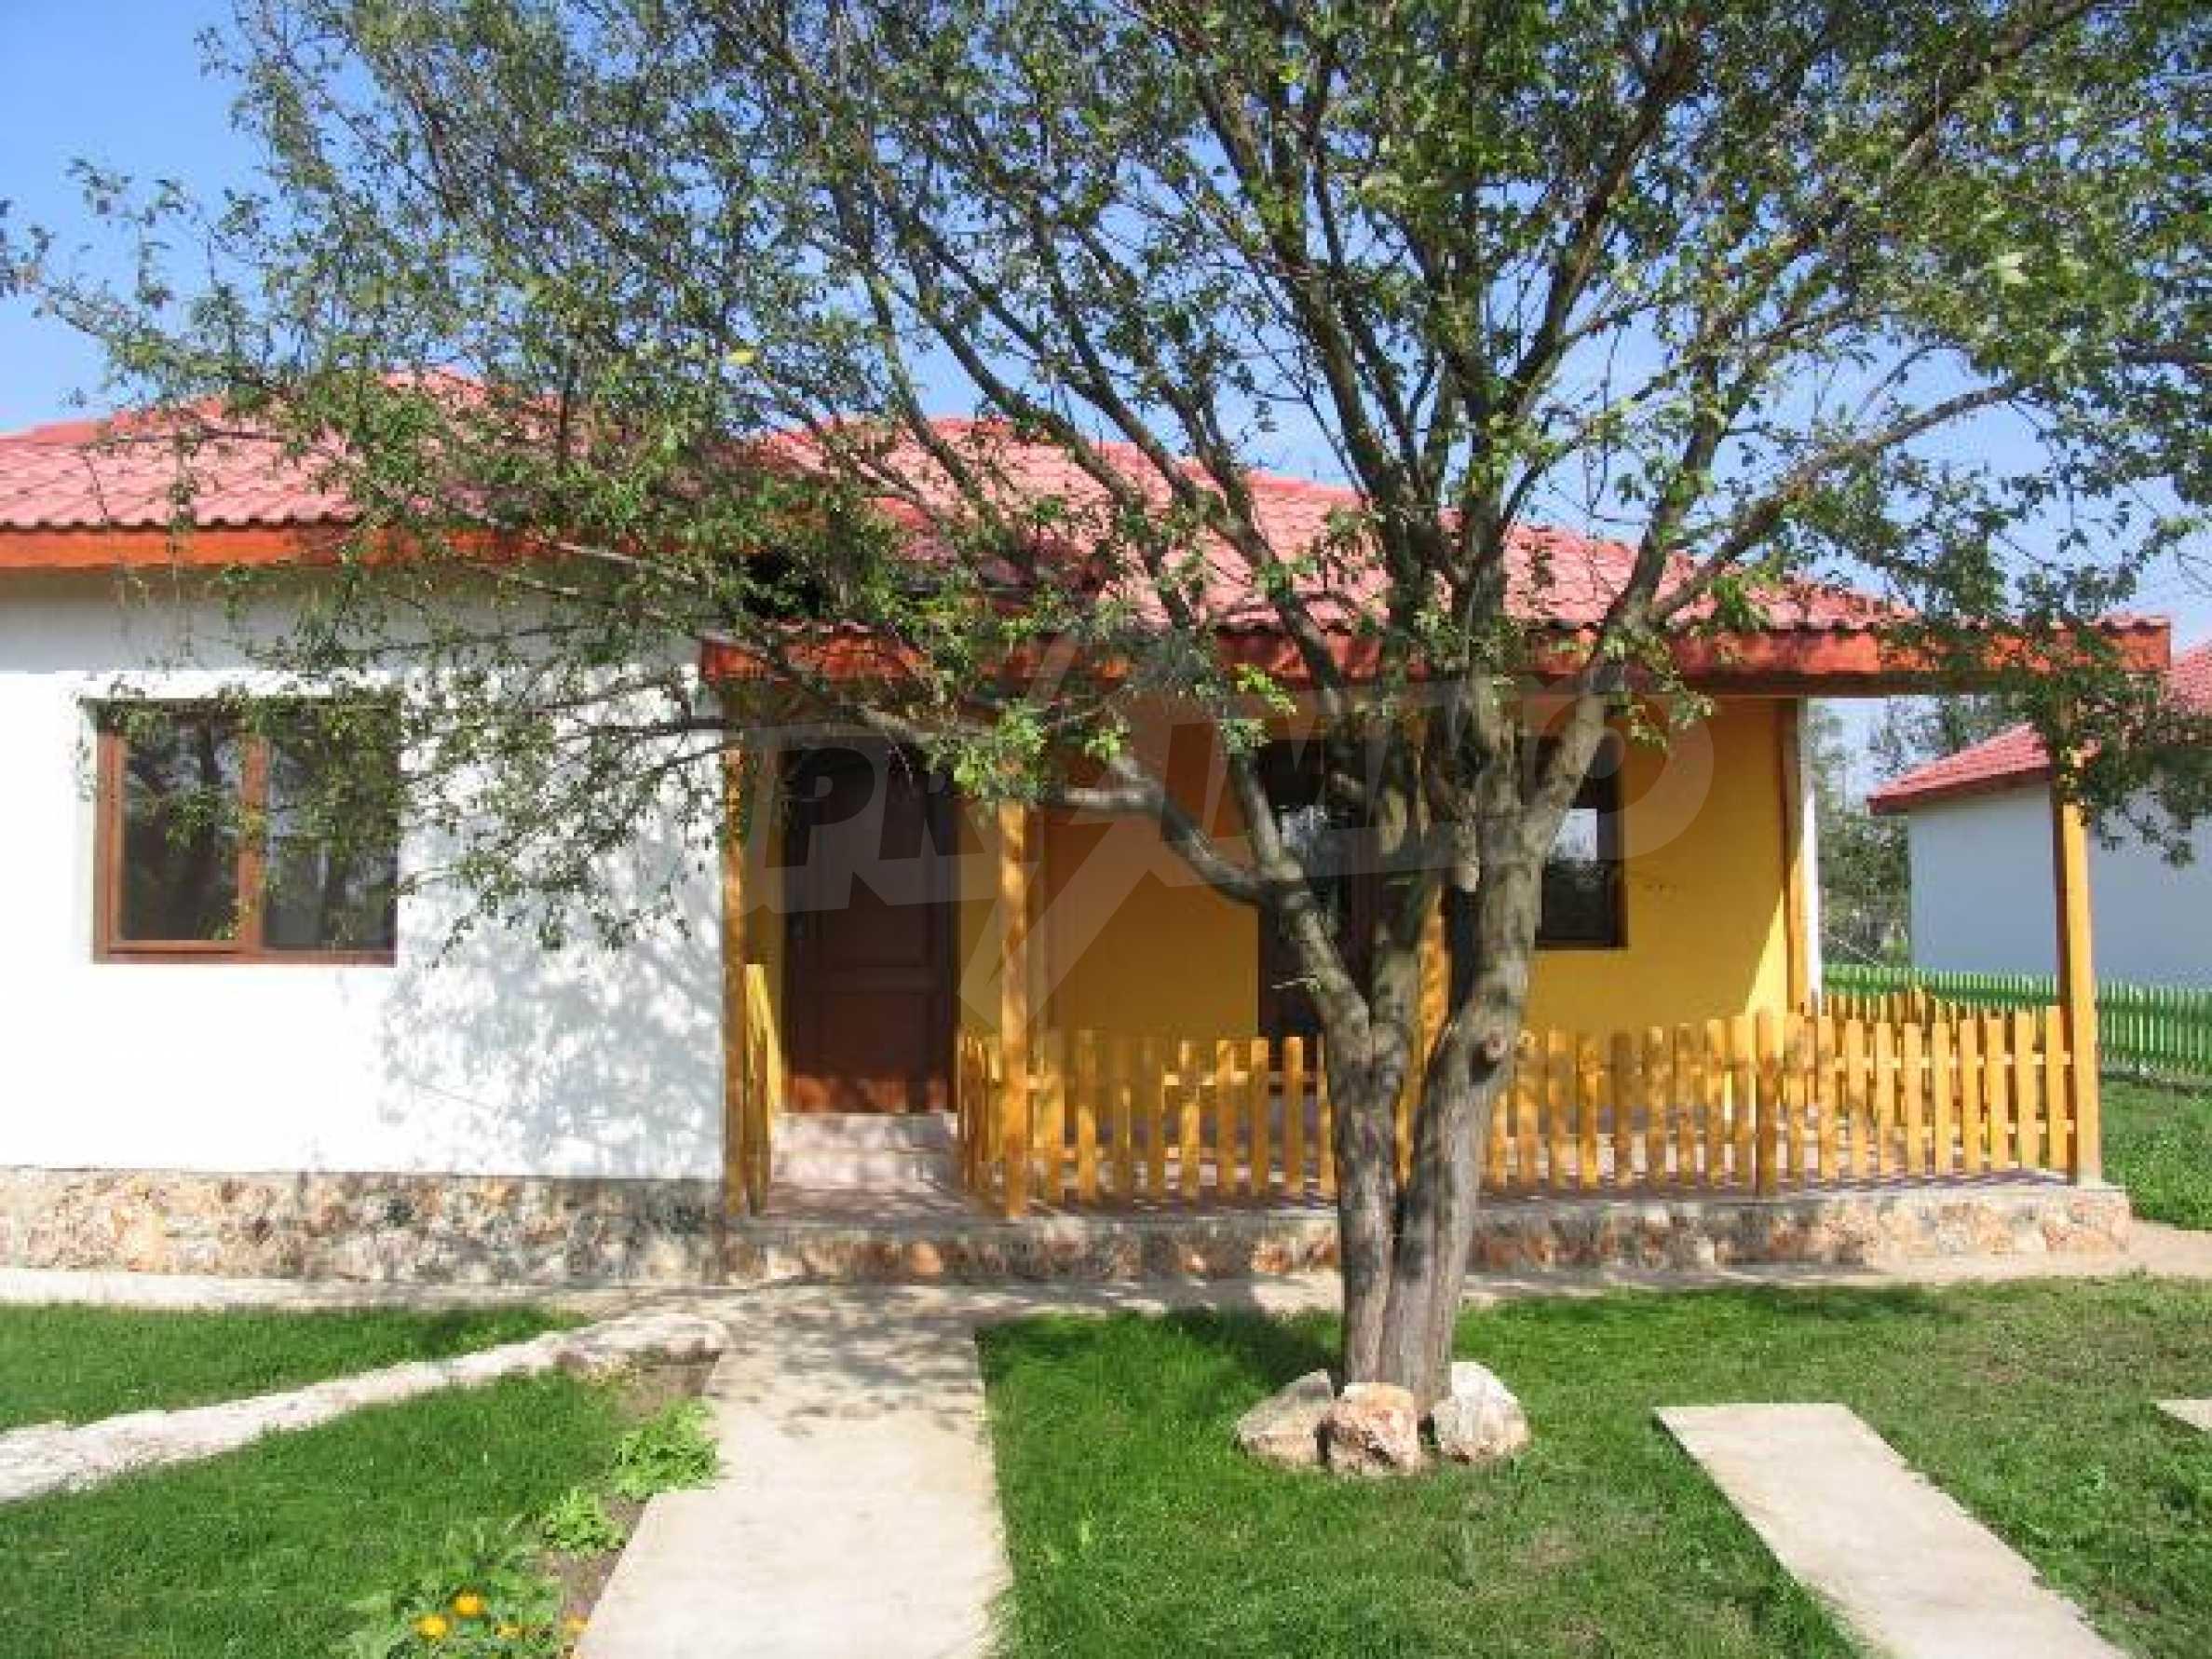 Два дома для продажи в Stefanovo деревне 25 км. от Албена 1